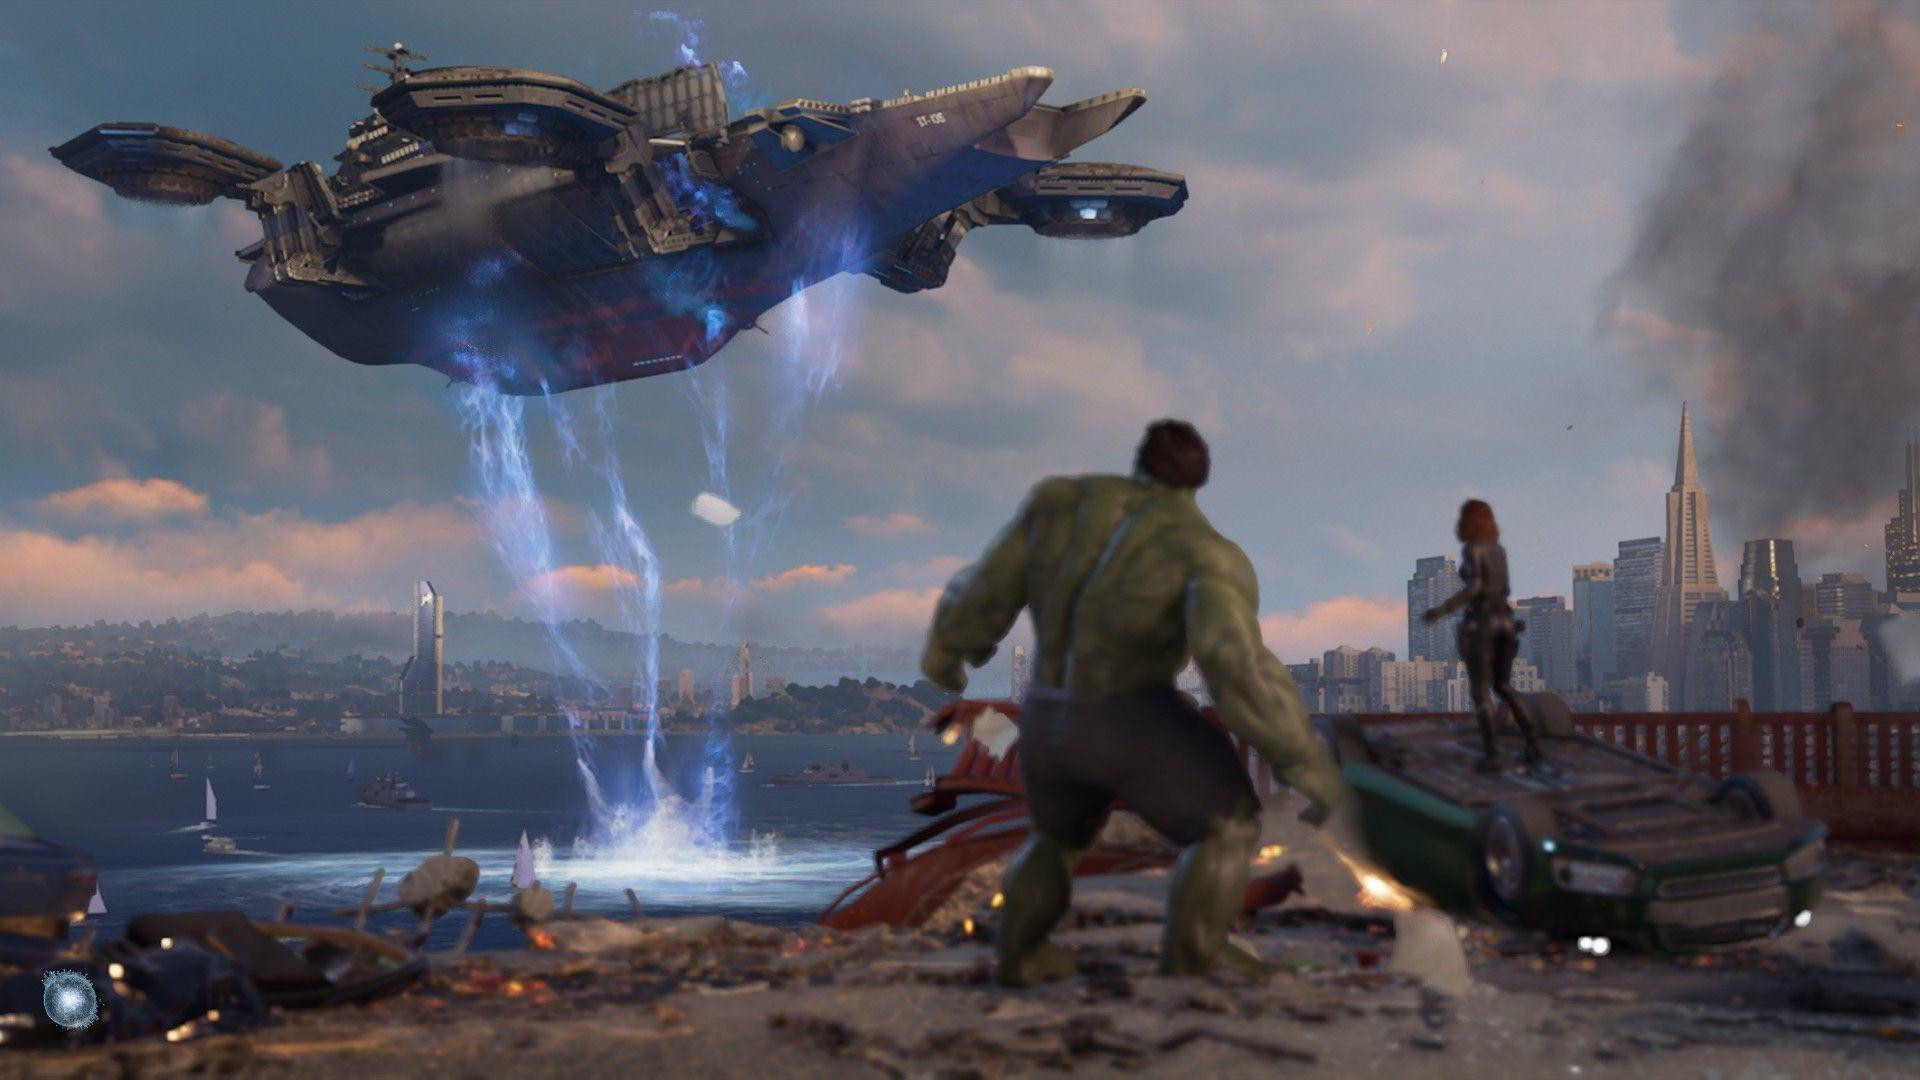 Em Marvel's Avengers, os Vingadores são vistos como vilões após um acidente. (Foto: Murilo Tunholi/Zoom)